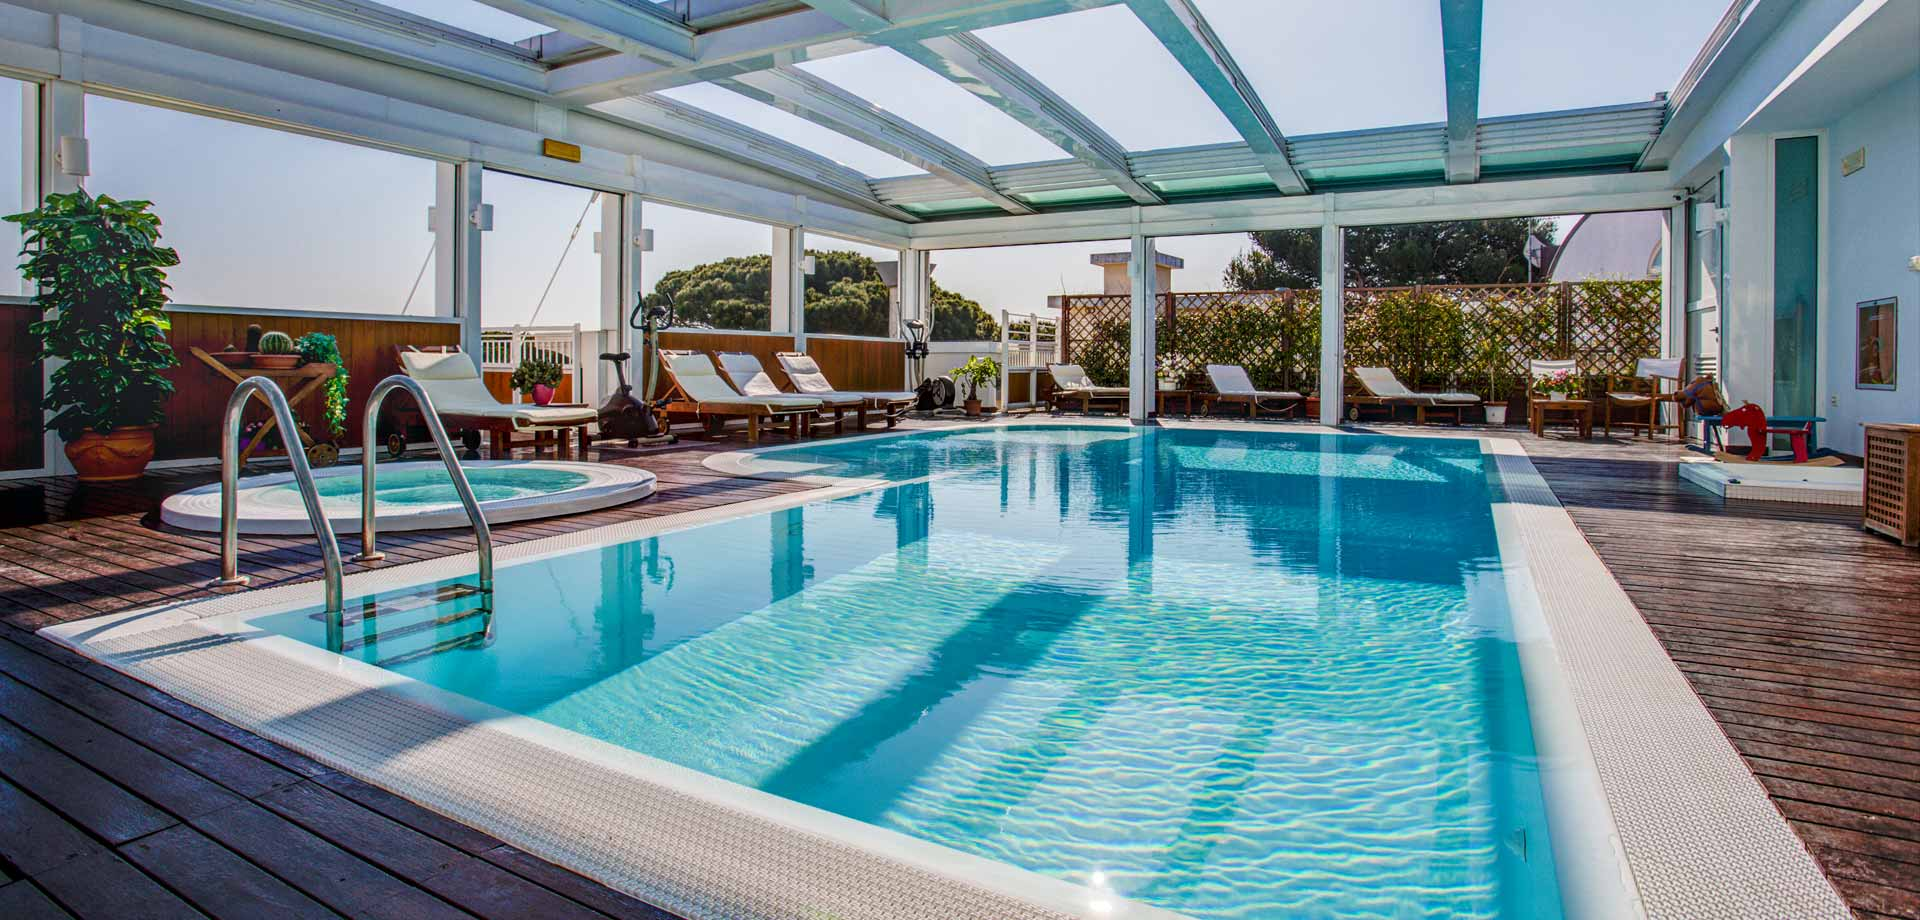 Sito ufficiale aparthotel england - Residence rimini con piscina ...